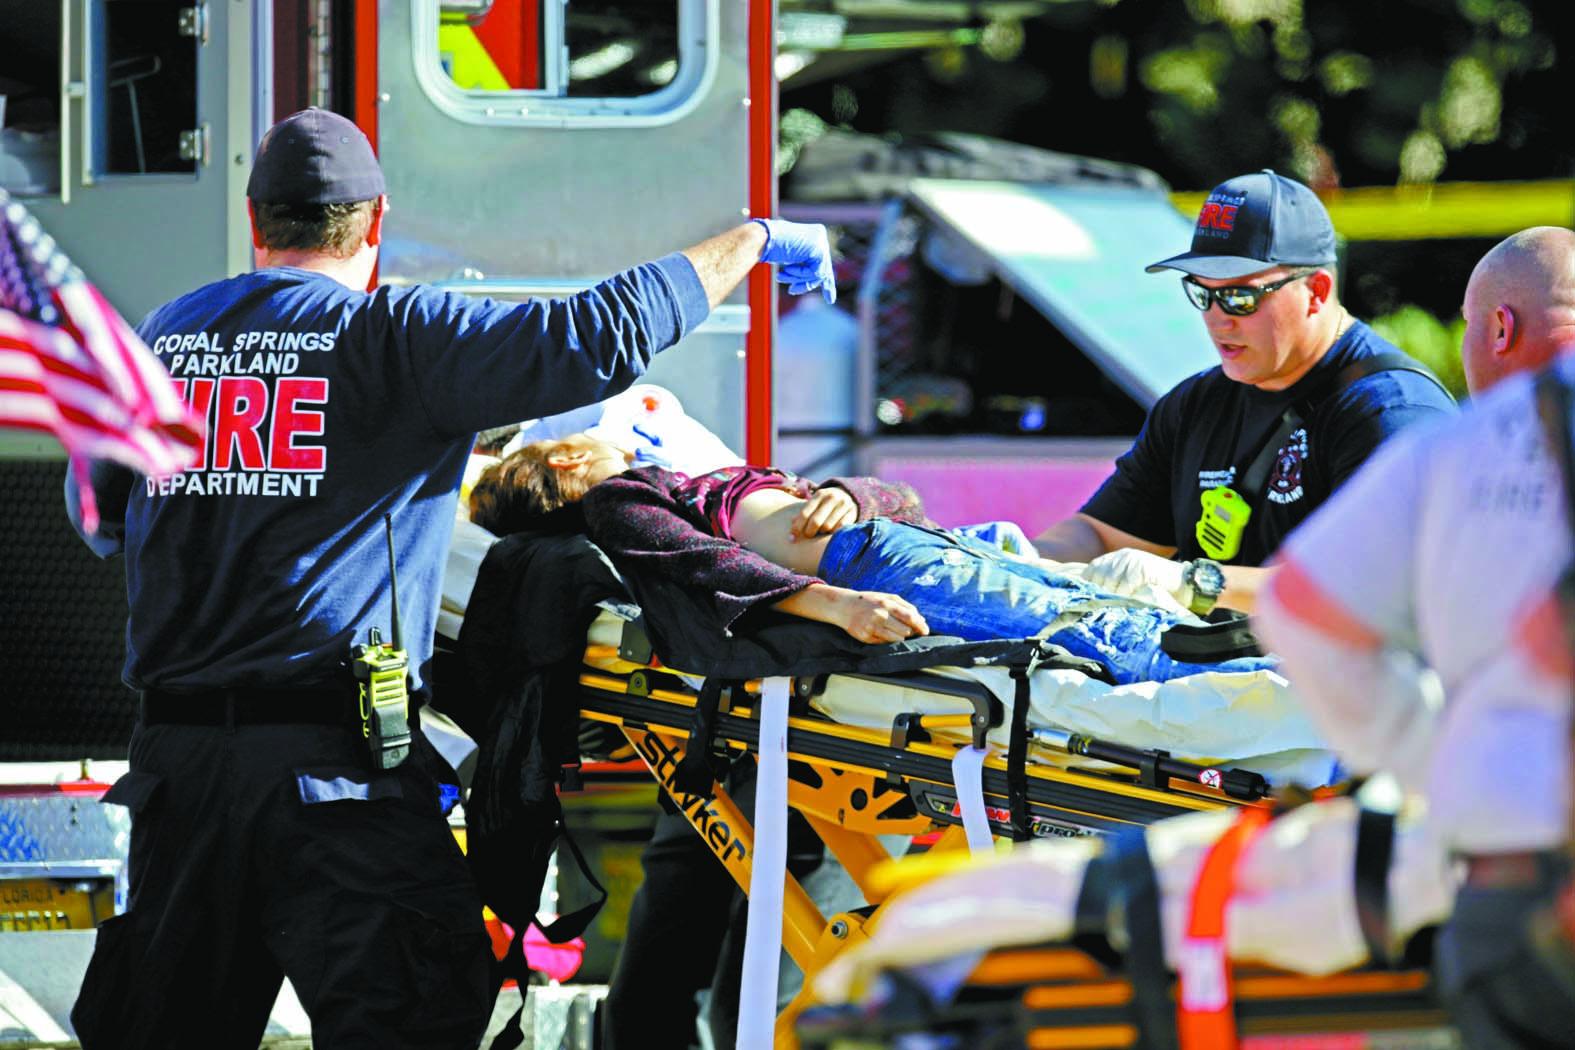 血腥槍擊案造成17死50傷。圖為一名受傷學生被送往救護車。美聯社